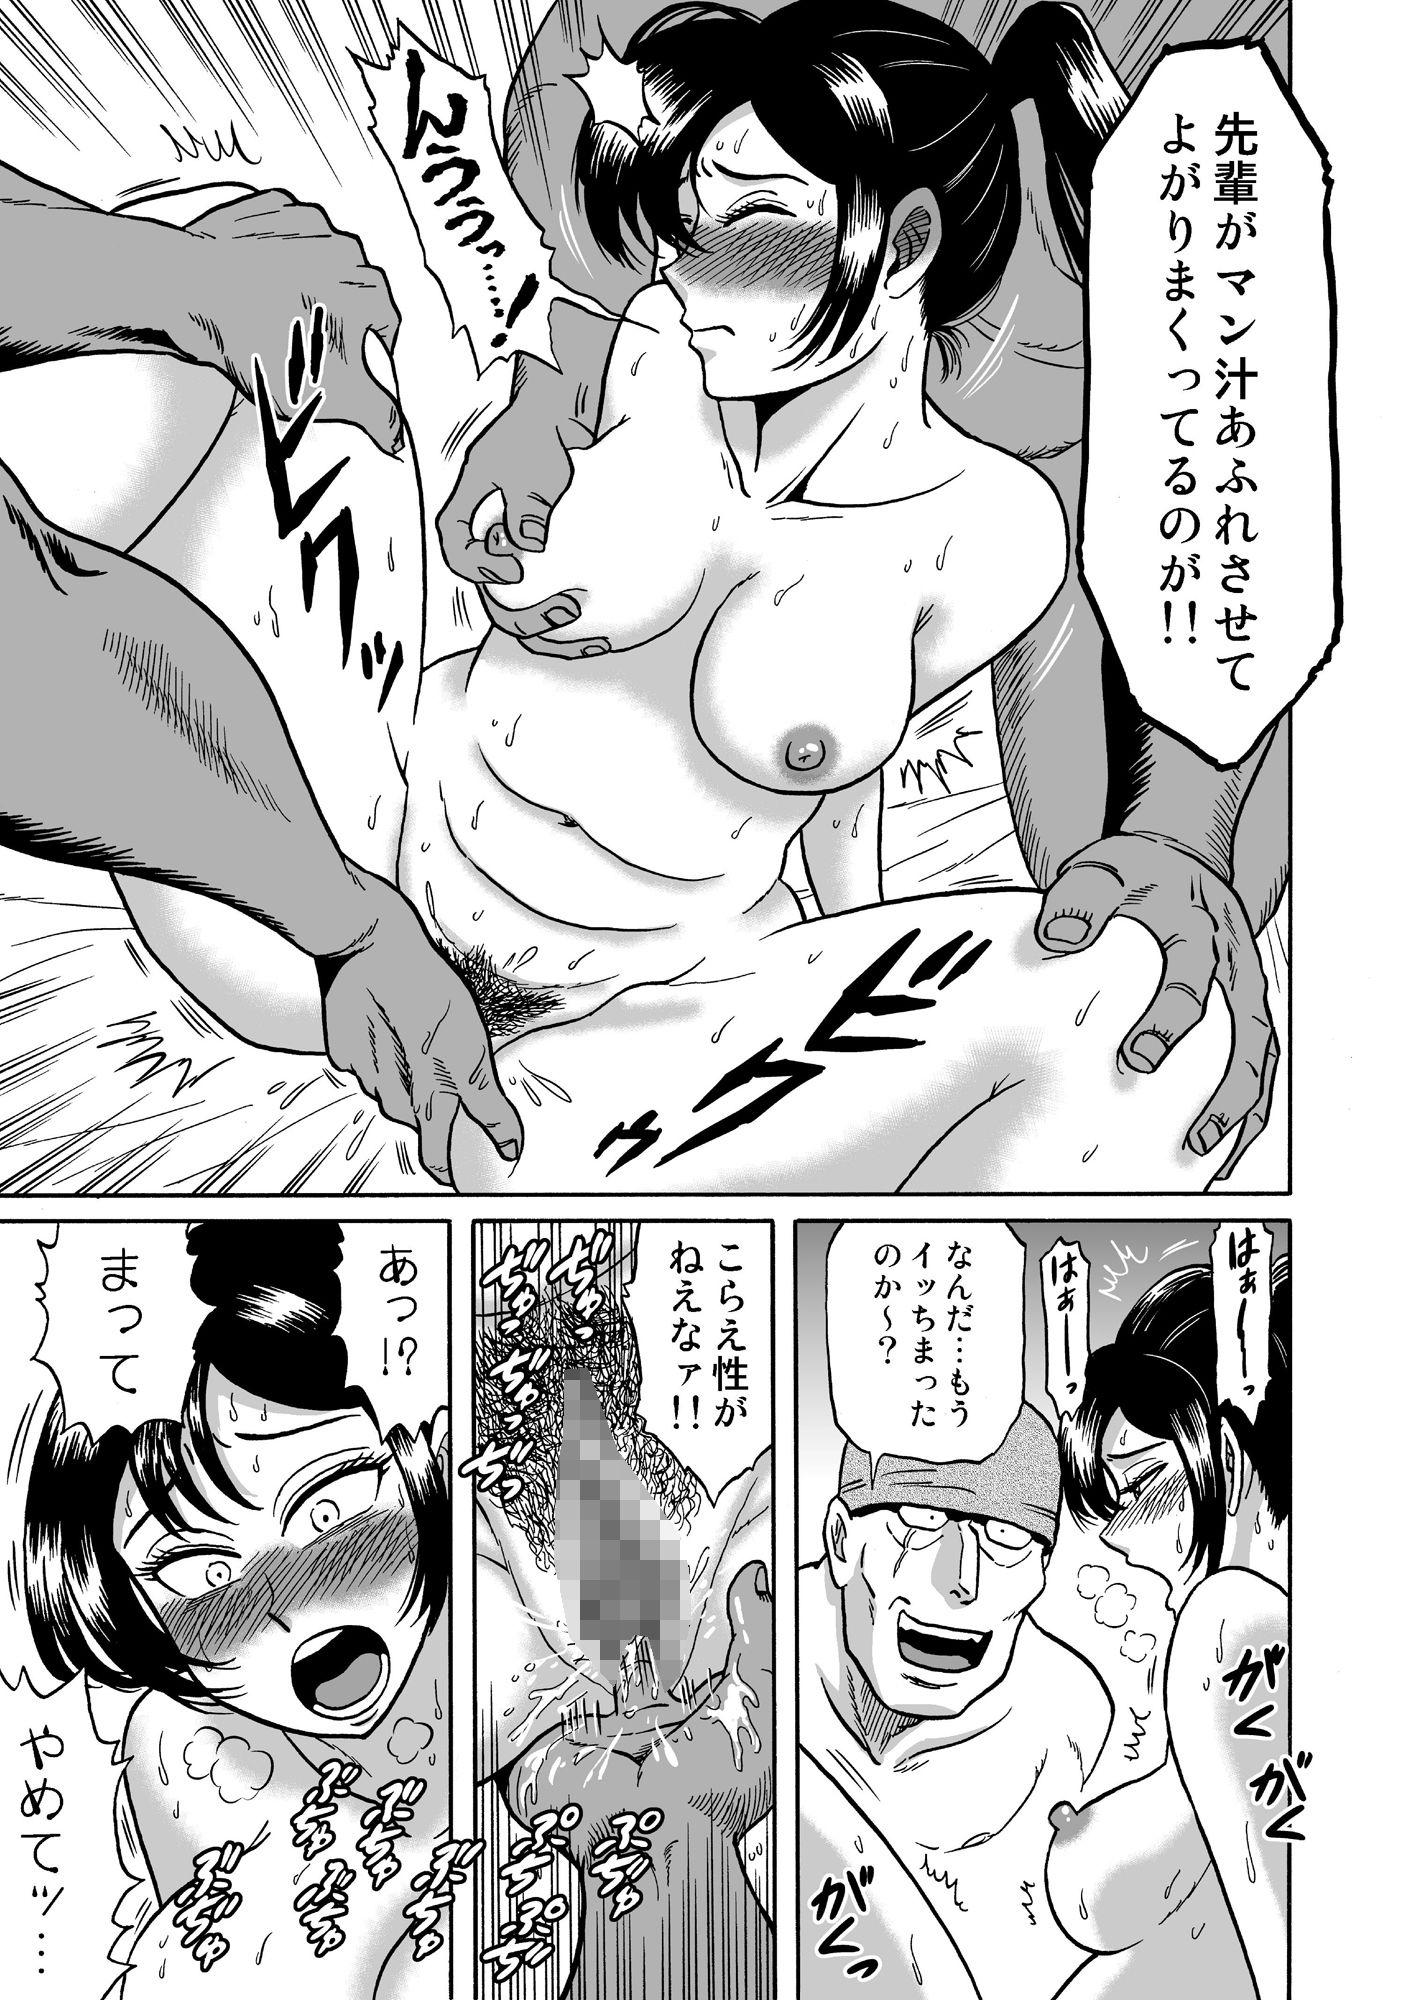 艶姿捜査姦(4)強●ふたなり淫戯4